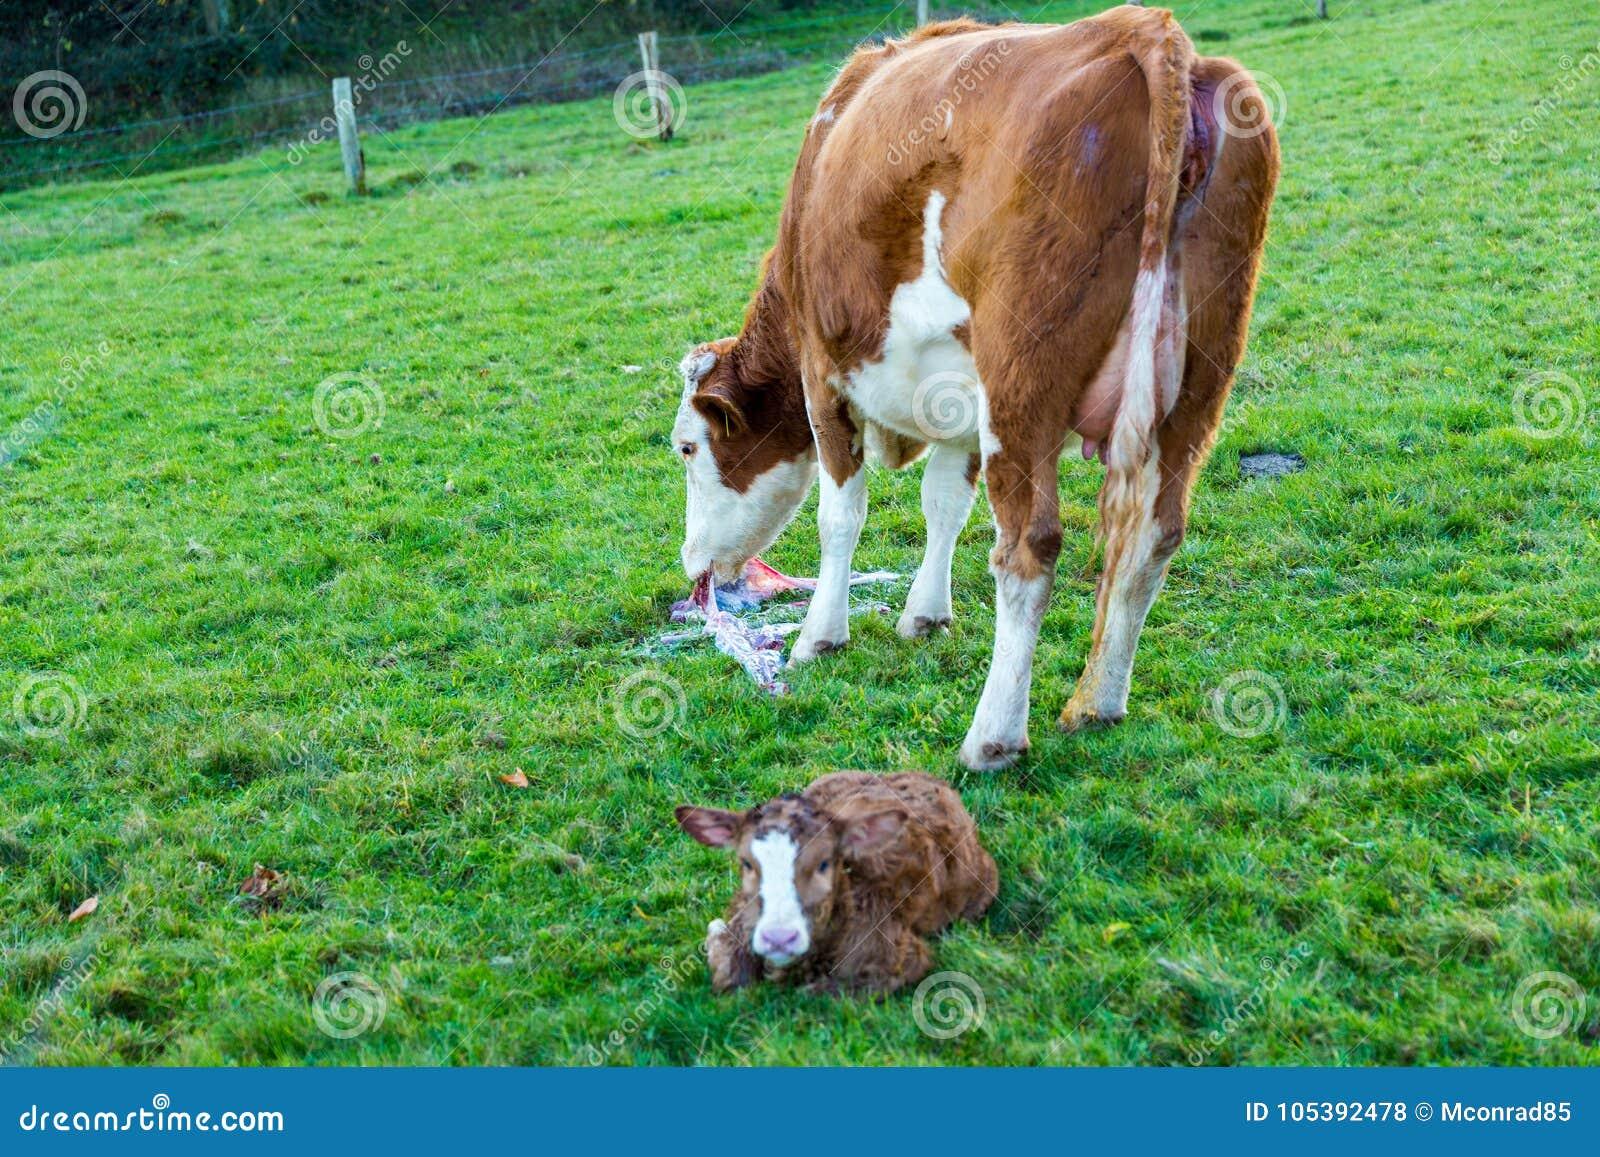 Αγελάδα μητέρων με νέο - γεννημένες ώρες μόσχων μετά από να γεννήσει σε πράσινο